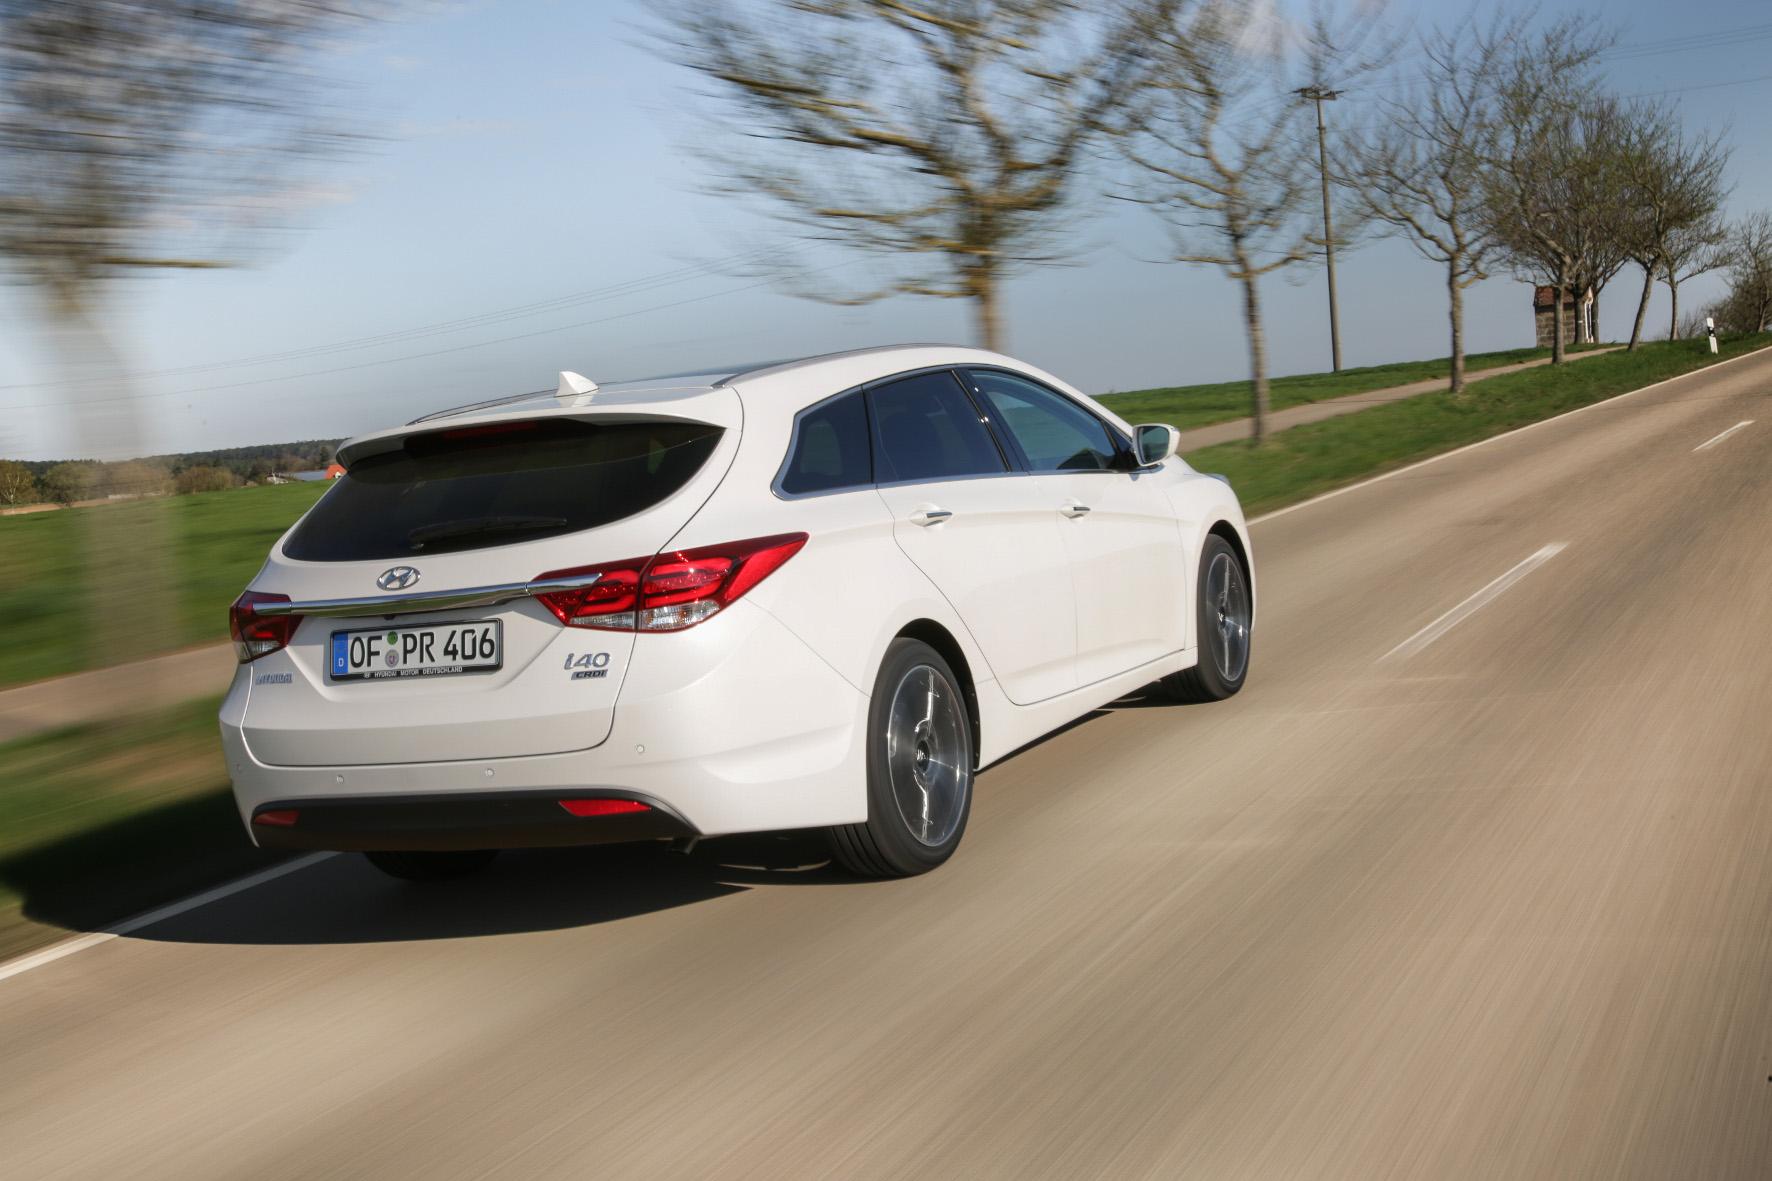 mid Groß-Gerau - Der Hyundai i40 führt die Hitparade der privat benutzten Kilometerfresser an. Hyundai